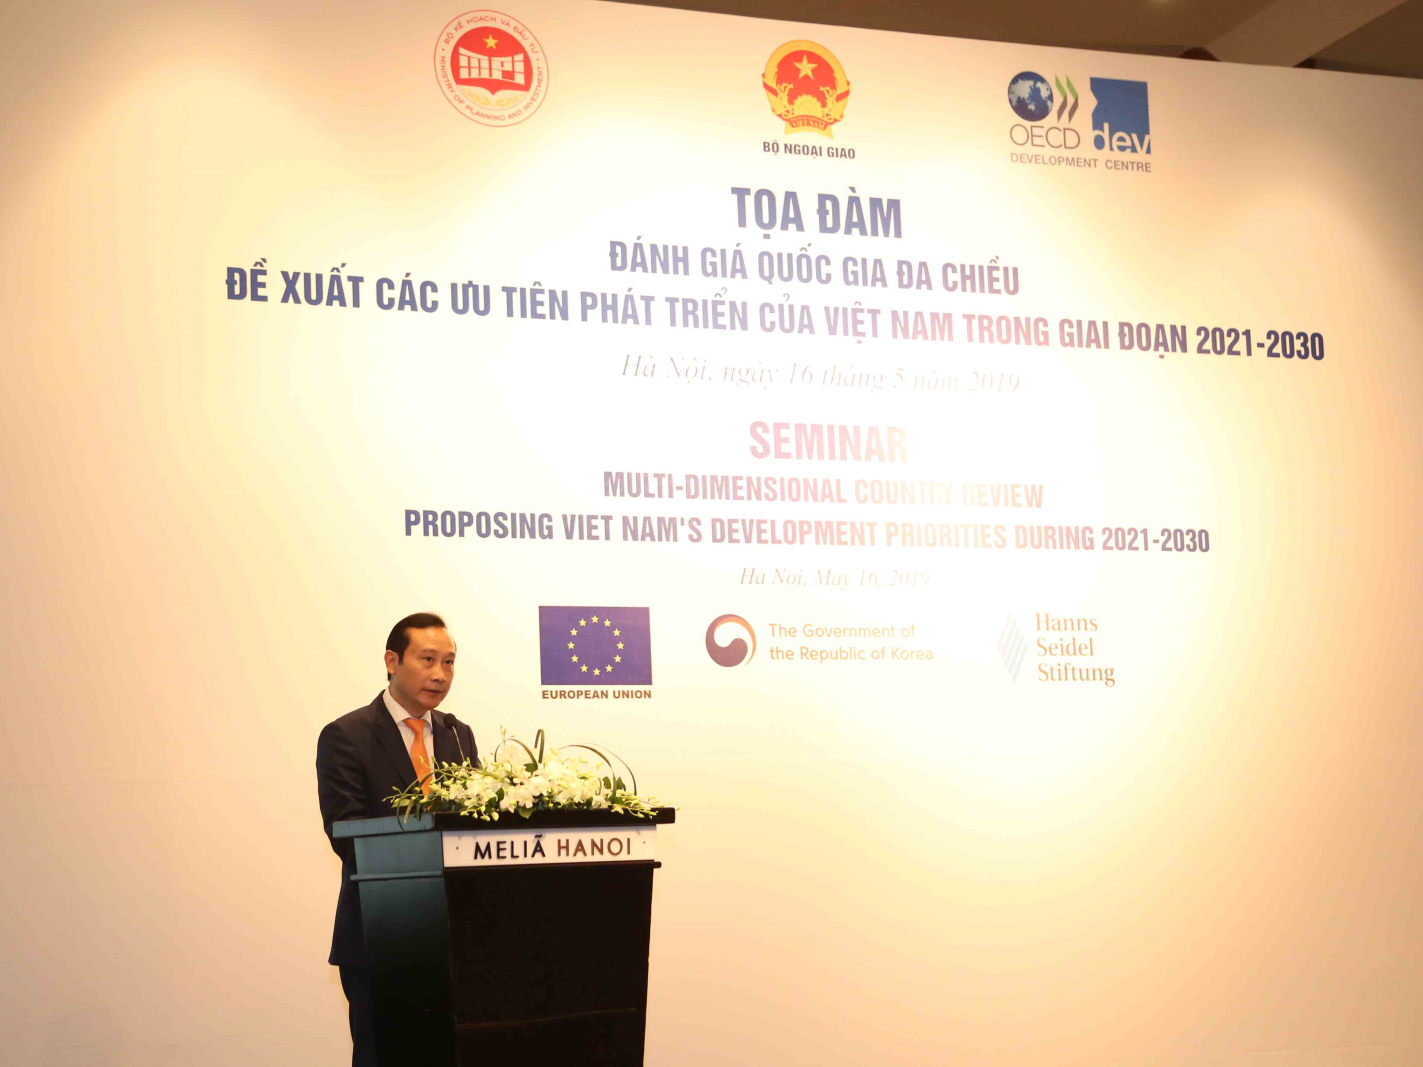 Trợ lý Bộ trưởng Bộ Ngoại giao Nguyễn Văn Thảo phát biểu tại Tọa đàm. Ảnh: MPI